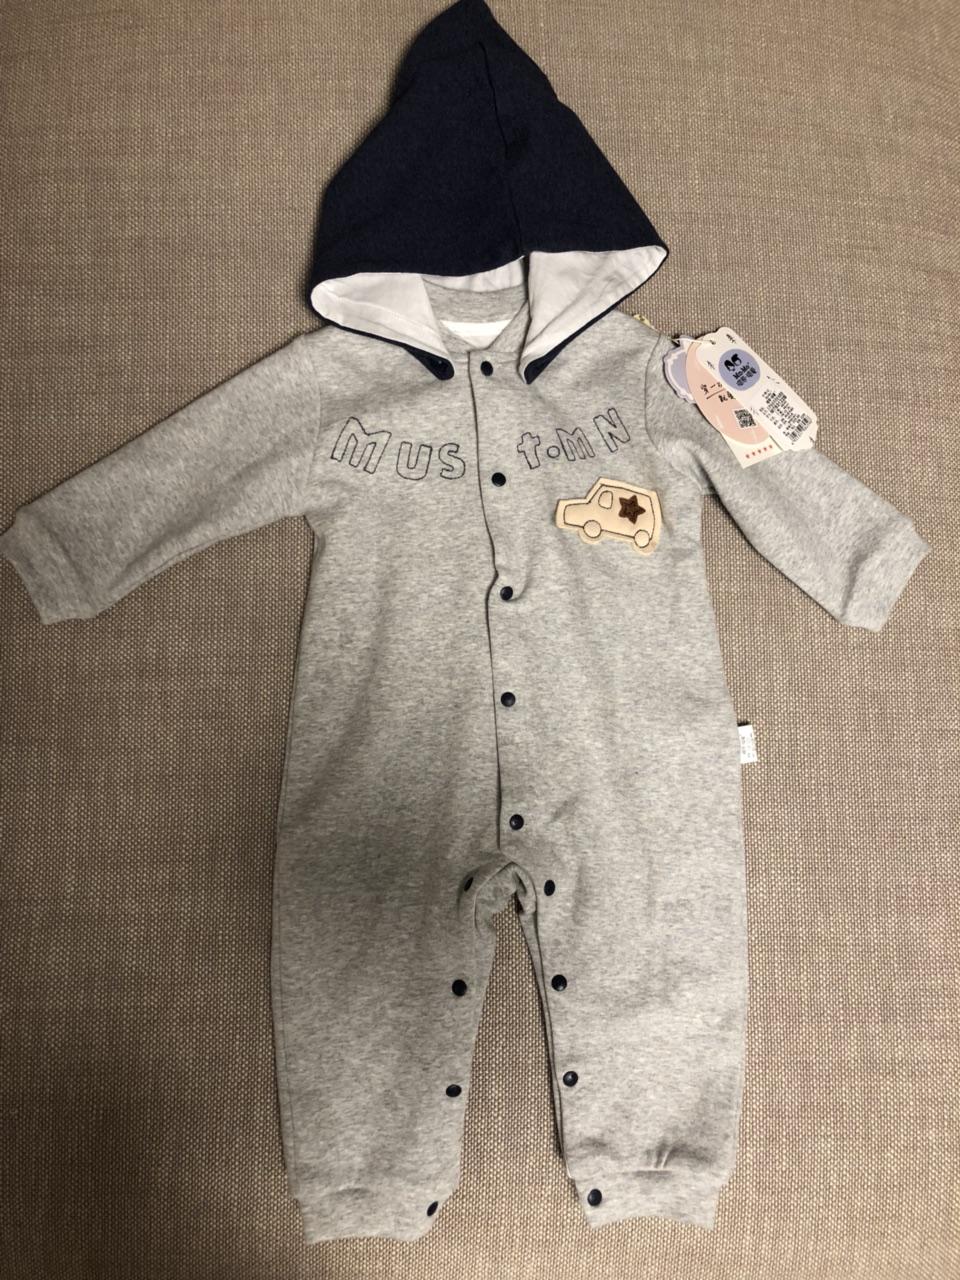 全新瑁恩瑁爱婴儿连体衣66码。灰色男宝宝穿很洋气,款式也好看,帽子是可拆卸的,背后设计也好看,双层面...